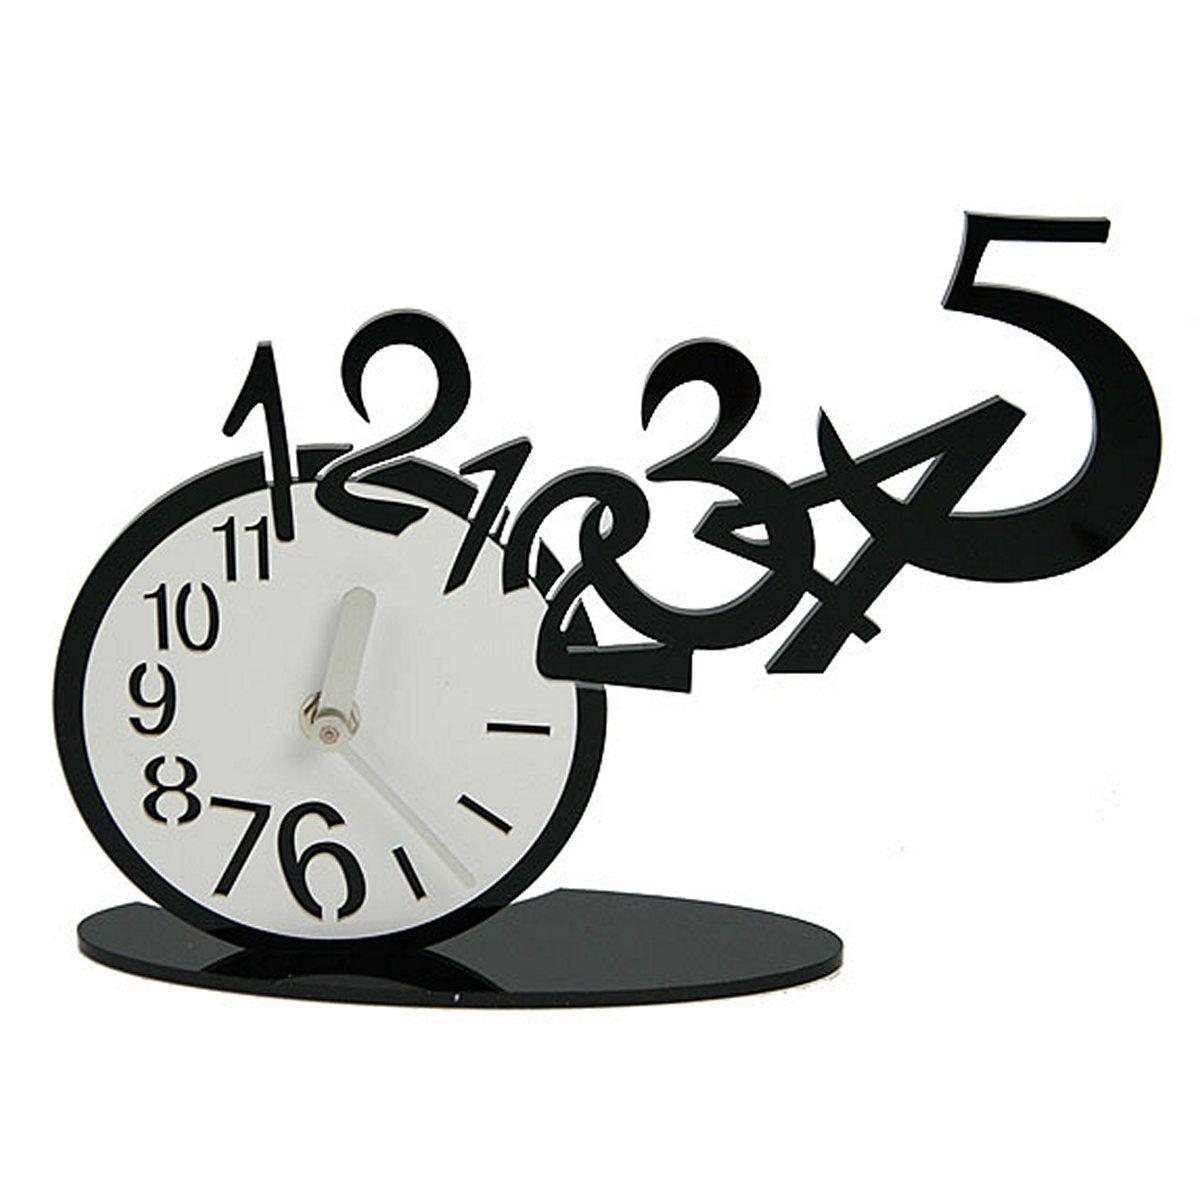 Часы настольные Русские Подарки, 26 х 16 см. 12242359325Настольные кварцевые часы Русские Подарки изготовлены из полиамида. Корпус оригинально оформлен. Часы имеют две стрелки - часовую и минутную.Такие часы украсят интерьер дома или рабочий стол в офисе. Также часы могут стать уникальным, полезным подарком для родственников, коллег, знакомых и близких.Часы работают от батареек типа АА (в комплект не входят).